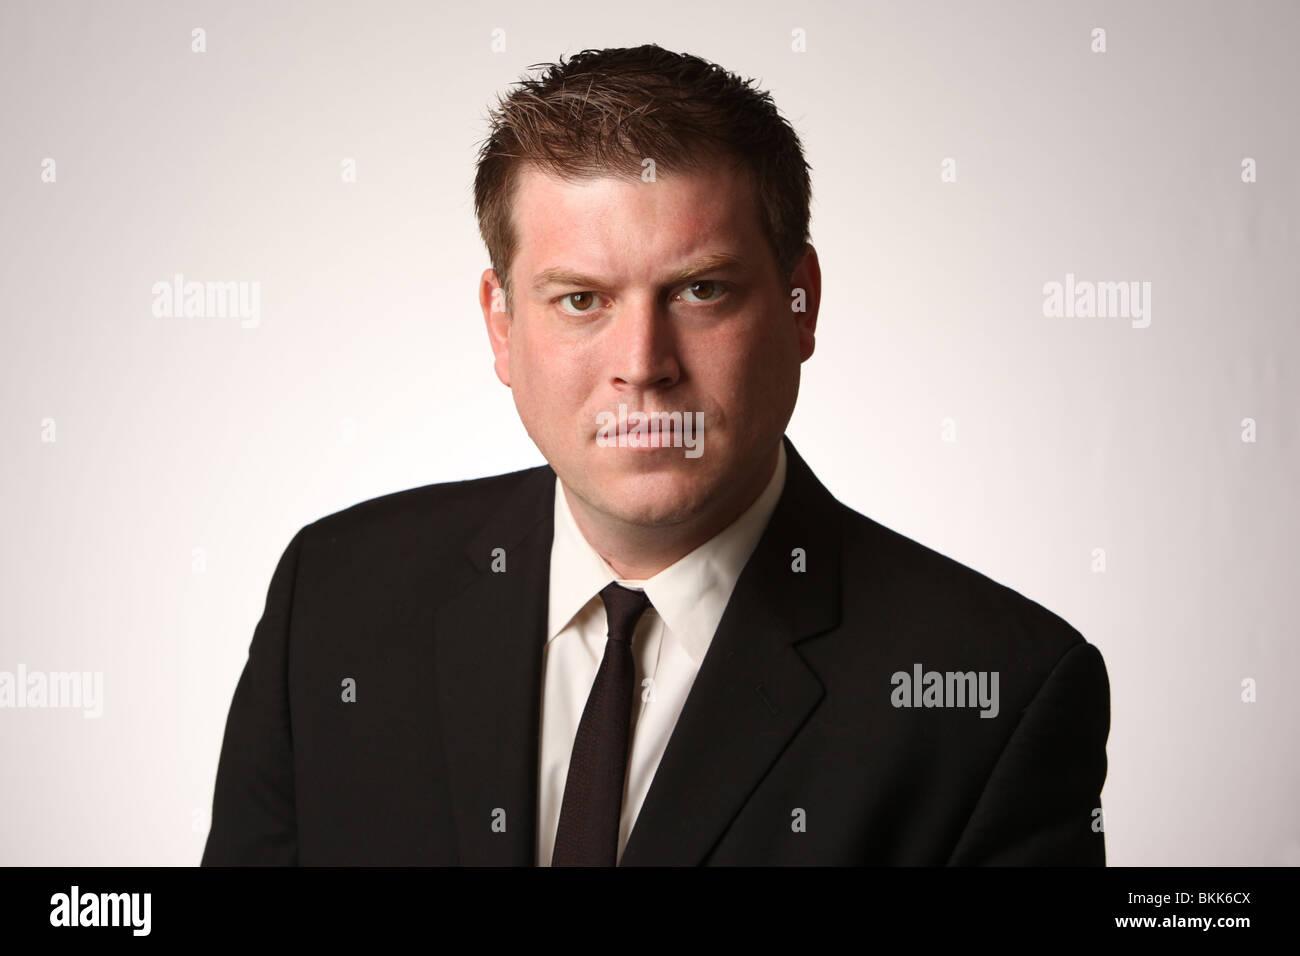 Entreprise sérieuse homme portant costume noir et cravate. © Katharine Andriotis Photo Stock